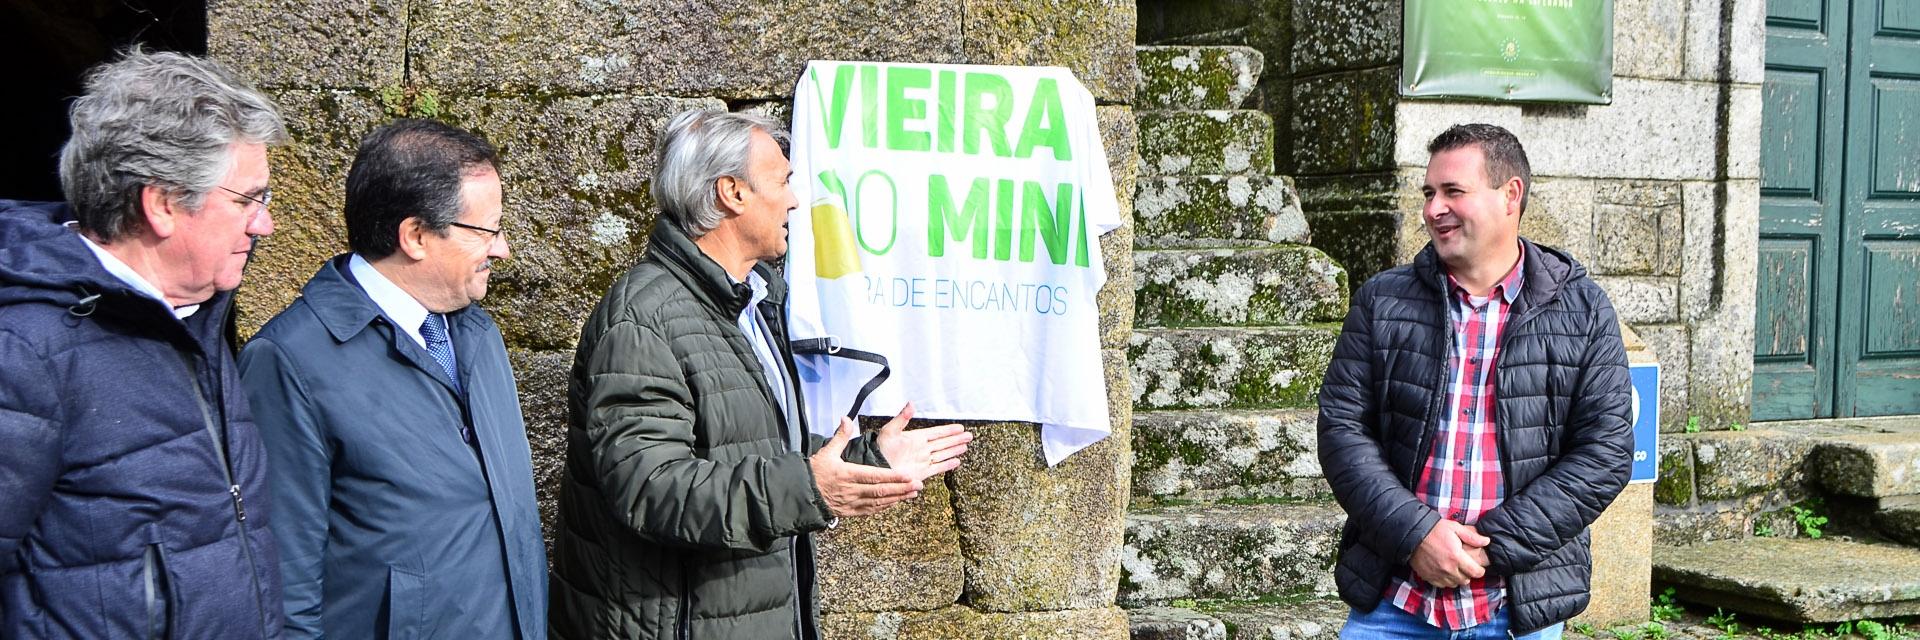 Agra comemorou 25 anos como Aldeia de Portugal